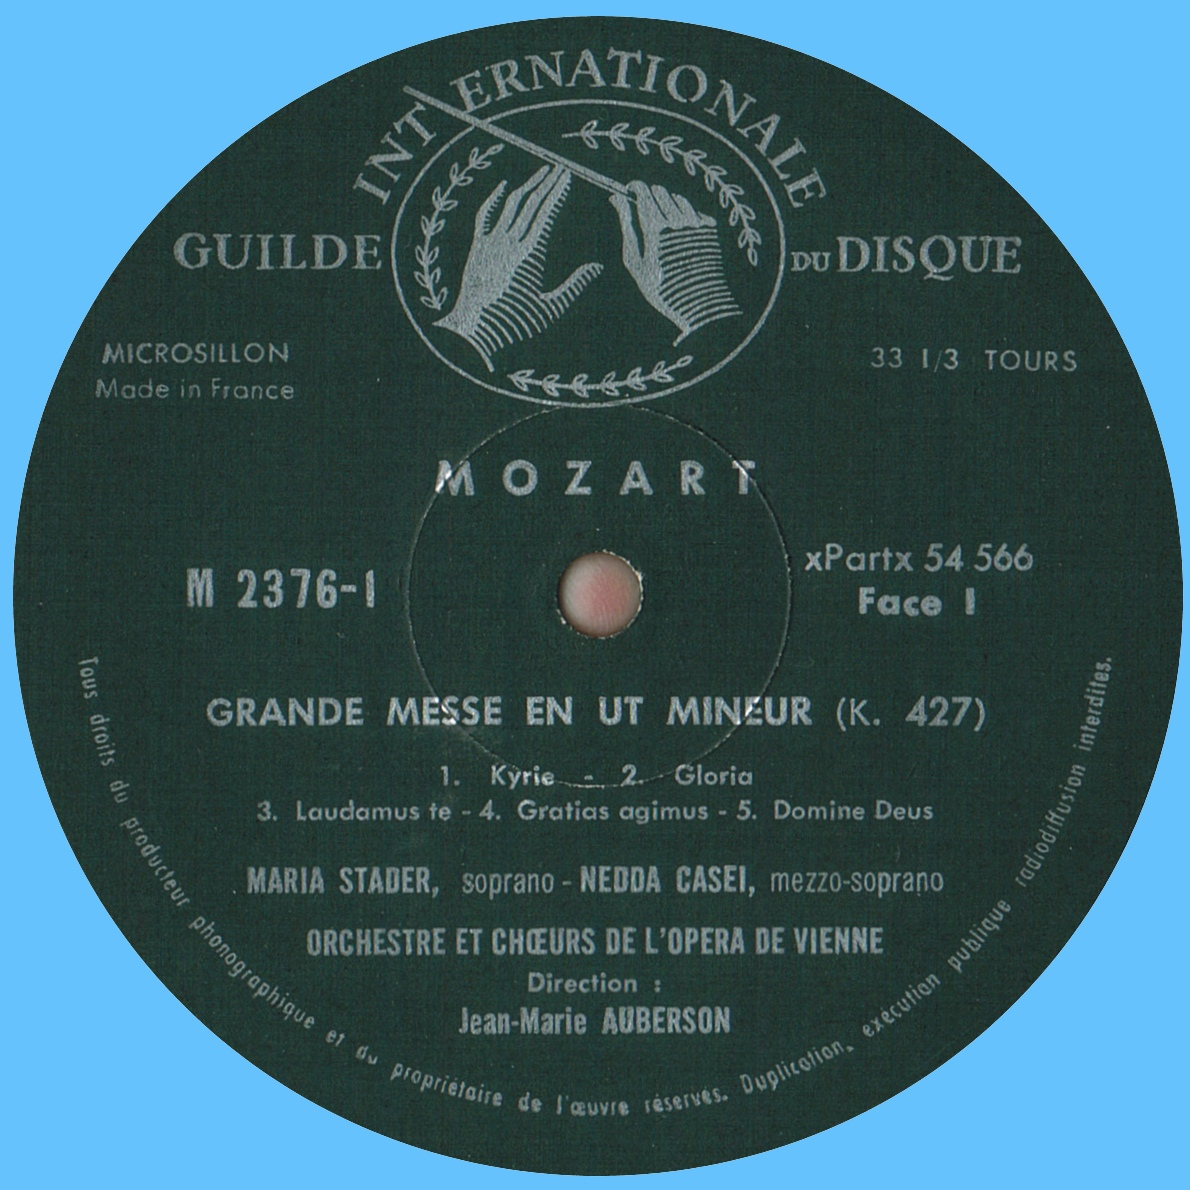 Étiquette recto du 1er disque de l'album Musical Masterpiece Society MMS 2376